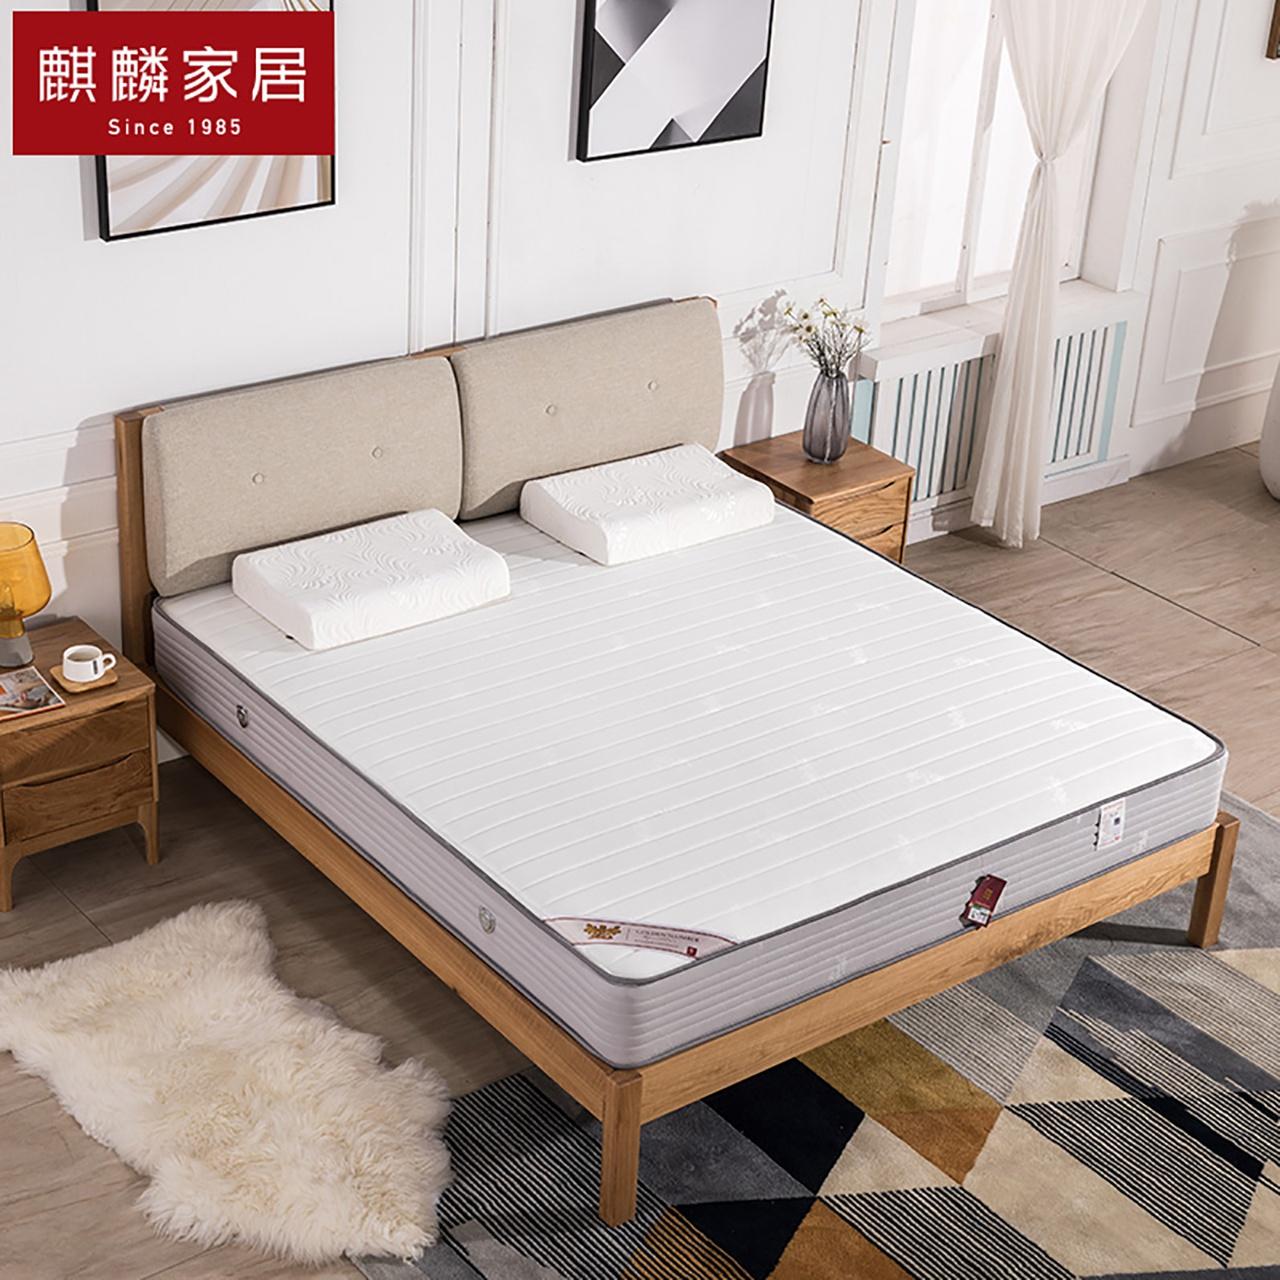 麒麟床垫弹簧席梦思床垫1.8经济型成人席梦思床垫硬垫 金陵春